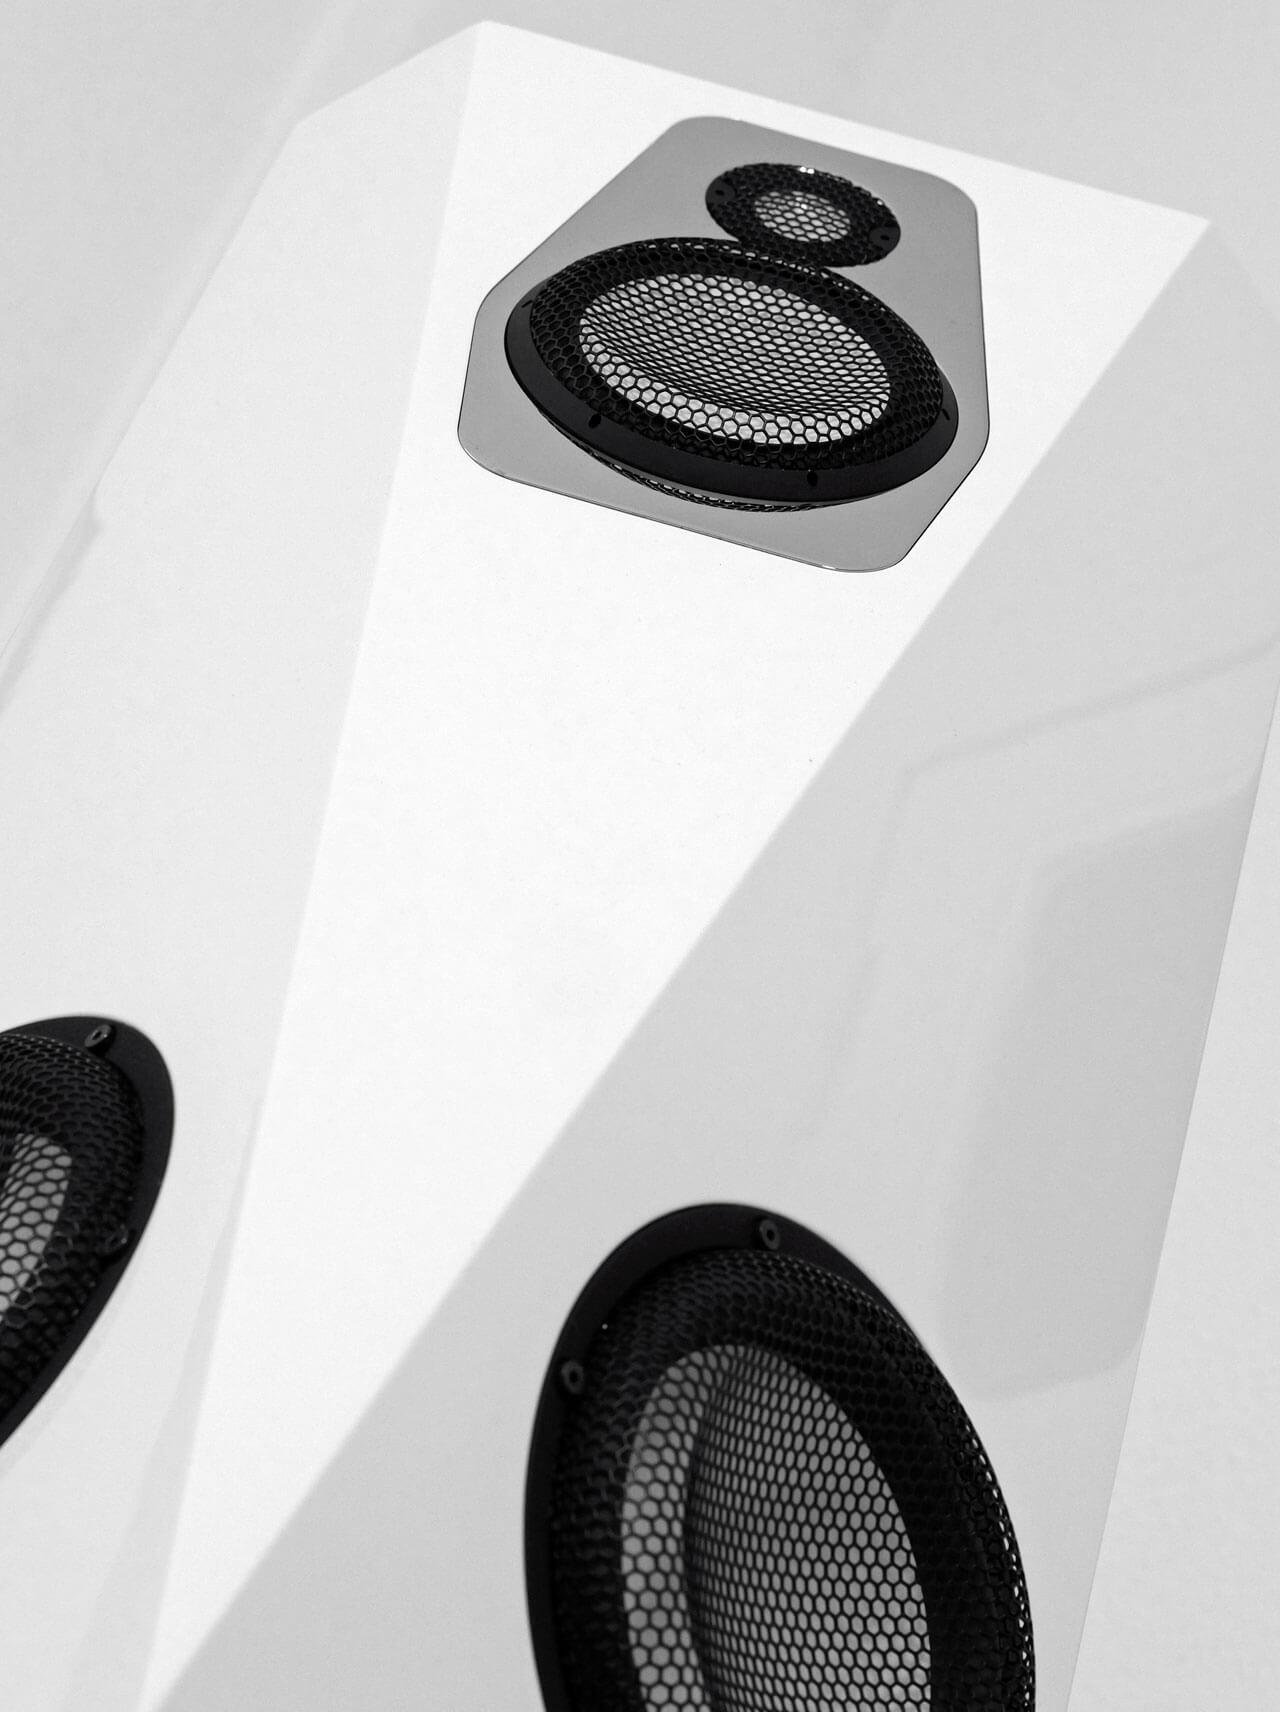 Die Winkel auf der Schallwand der AudiaZ Cadenza messen jeweils 45 Grad